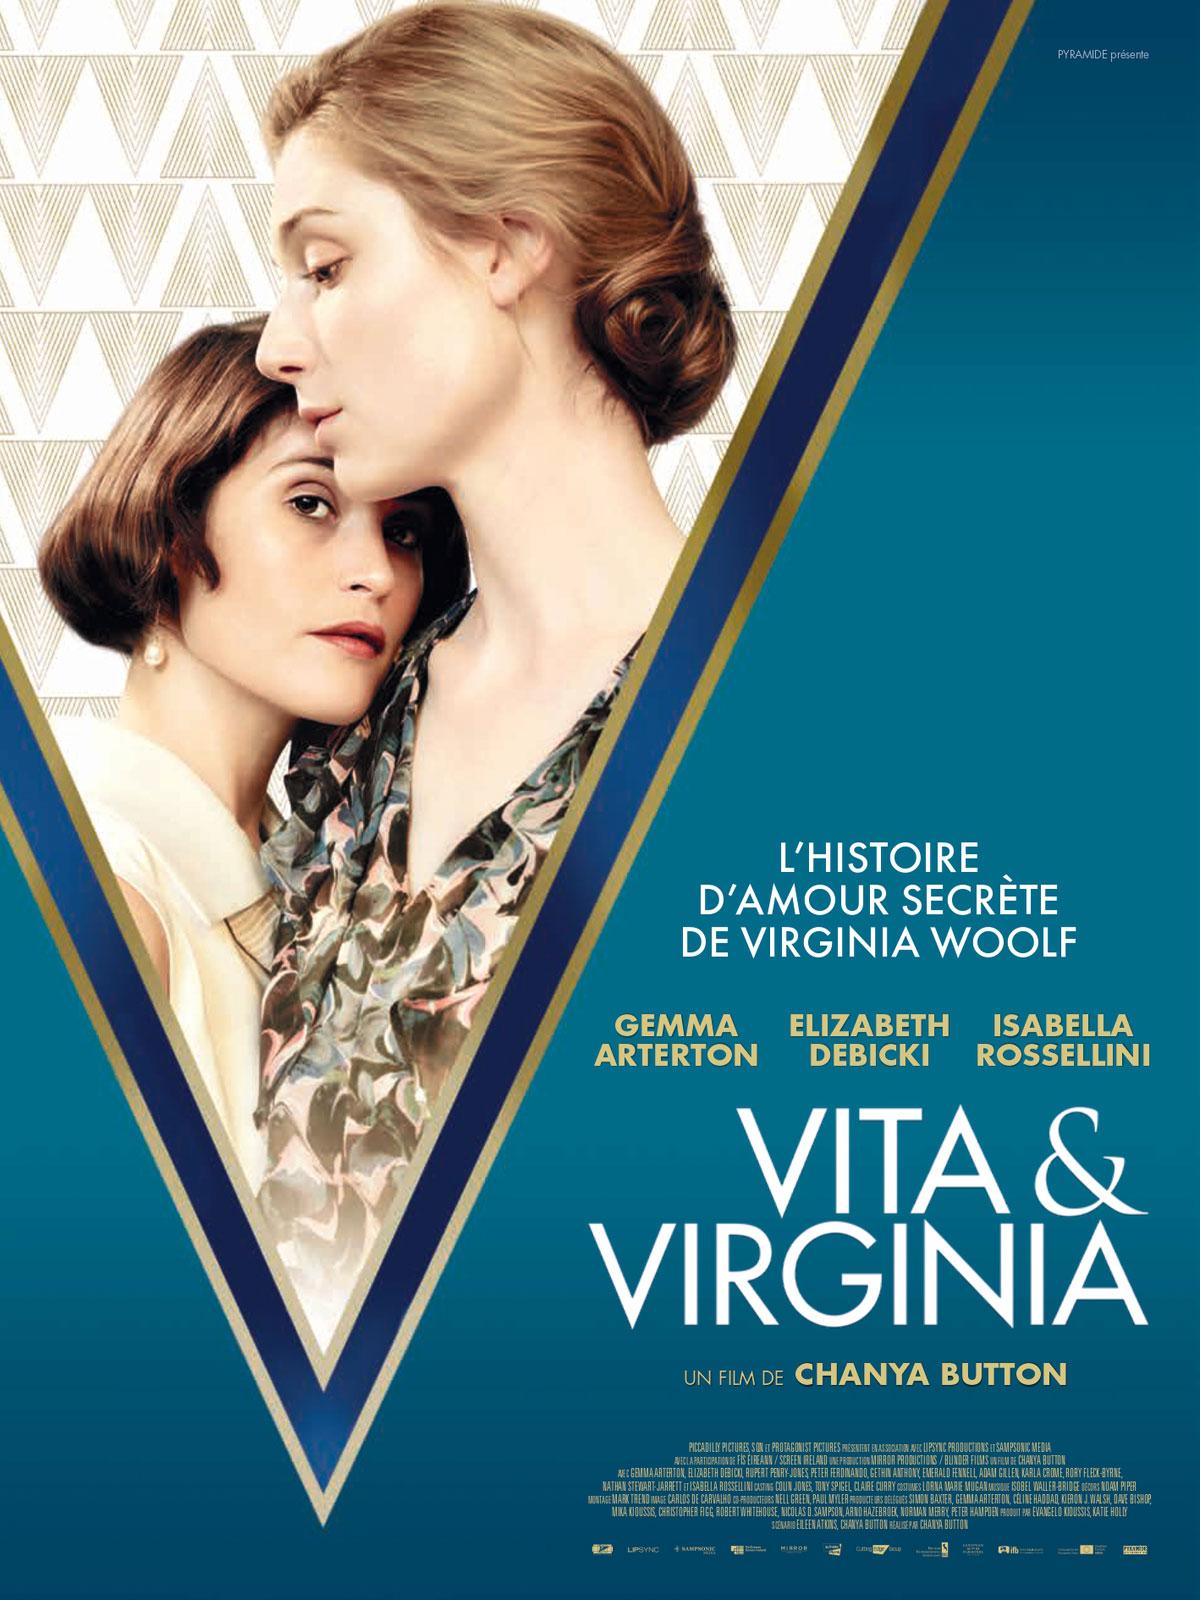 Vita et Virginia